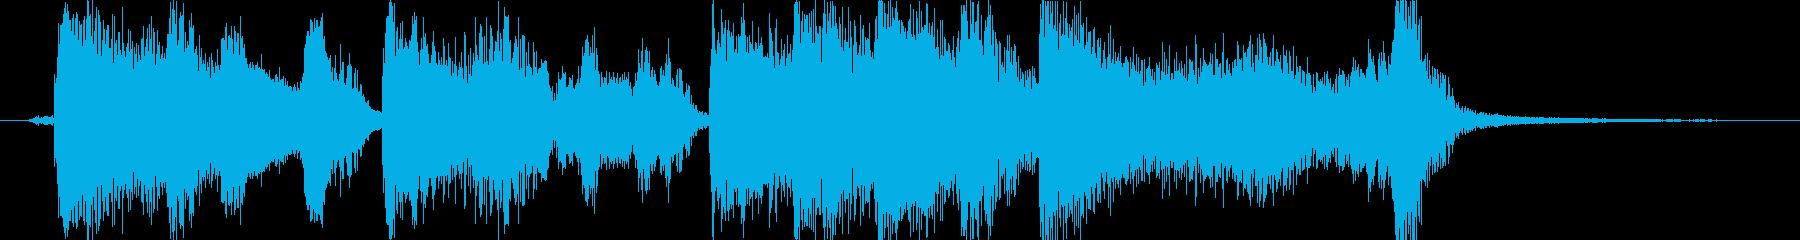 レトロでおしゃれなアコーディオンの再生済みの波形